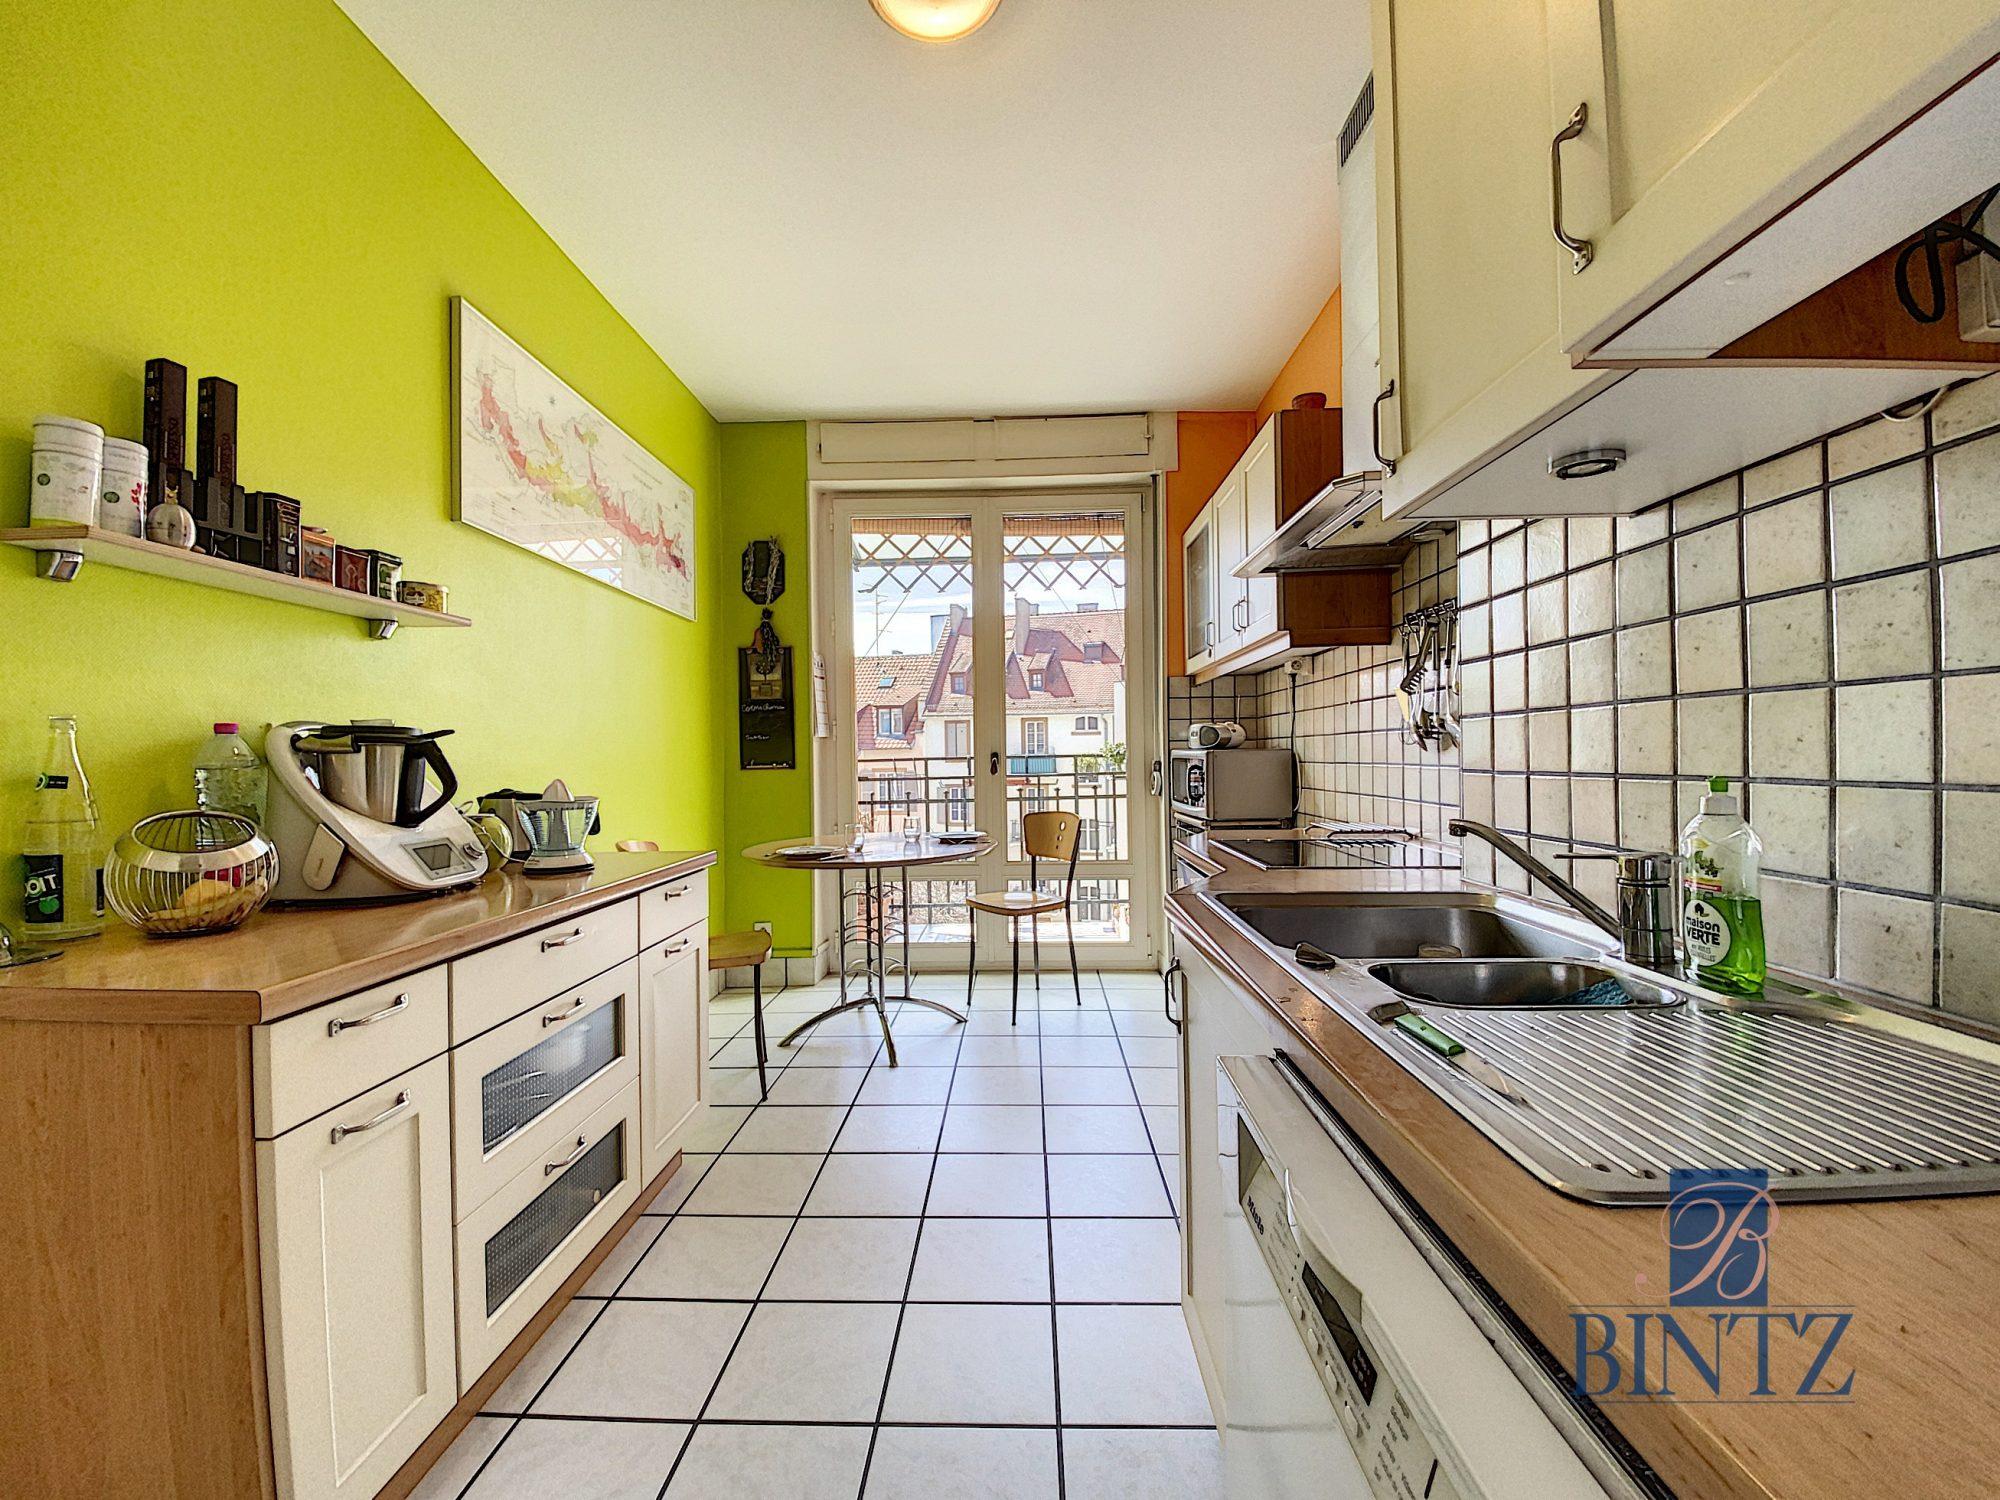 Appartement de 7 pièces – Rue Schwendi - Devenez propriétaire en toute confiance - Bintz Immobilier - 12